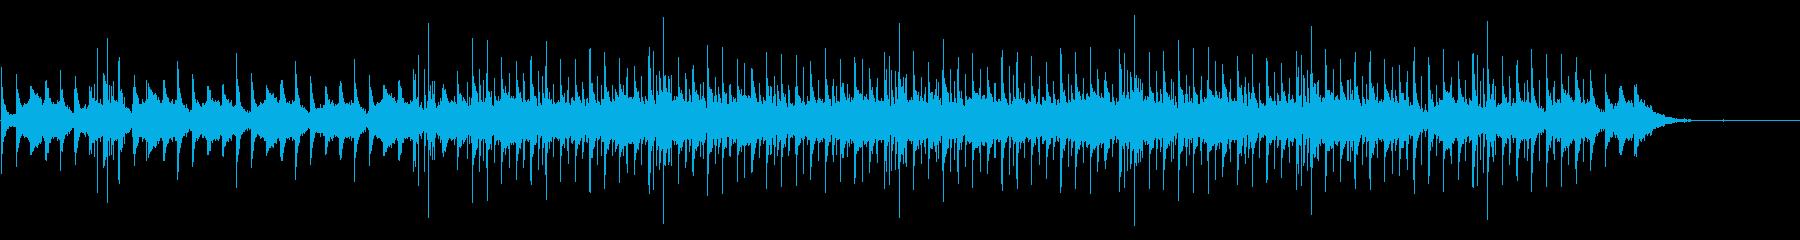 箏とシンセの小編成インスト曲の再生済みの波形